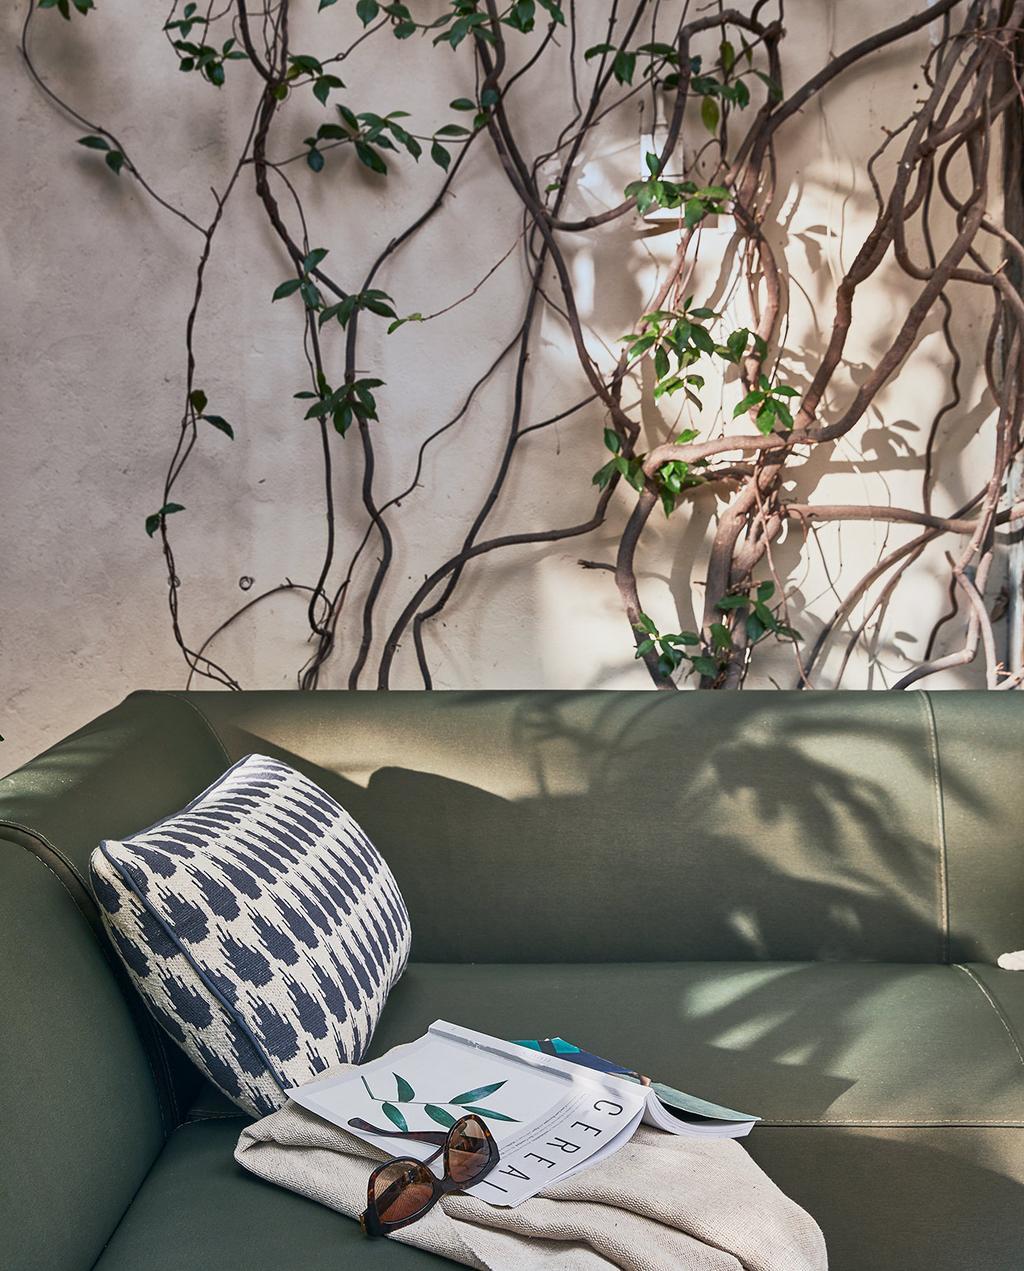 vtwonen 05-2021 | collectie buitenmeubels met een groene bank, kussen, zonnebril en magazine